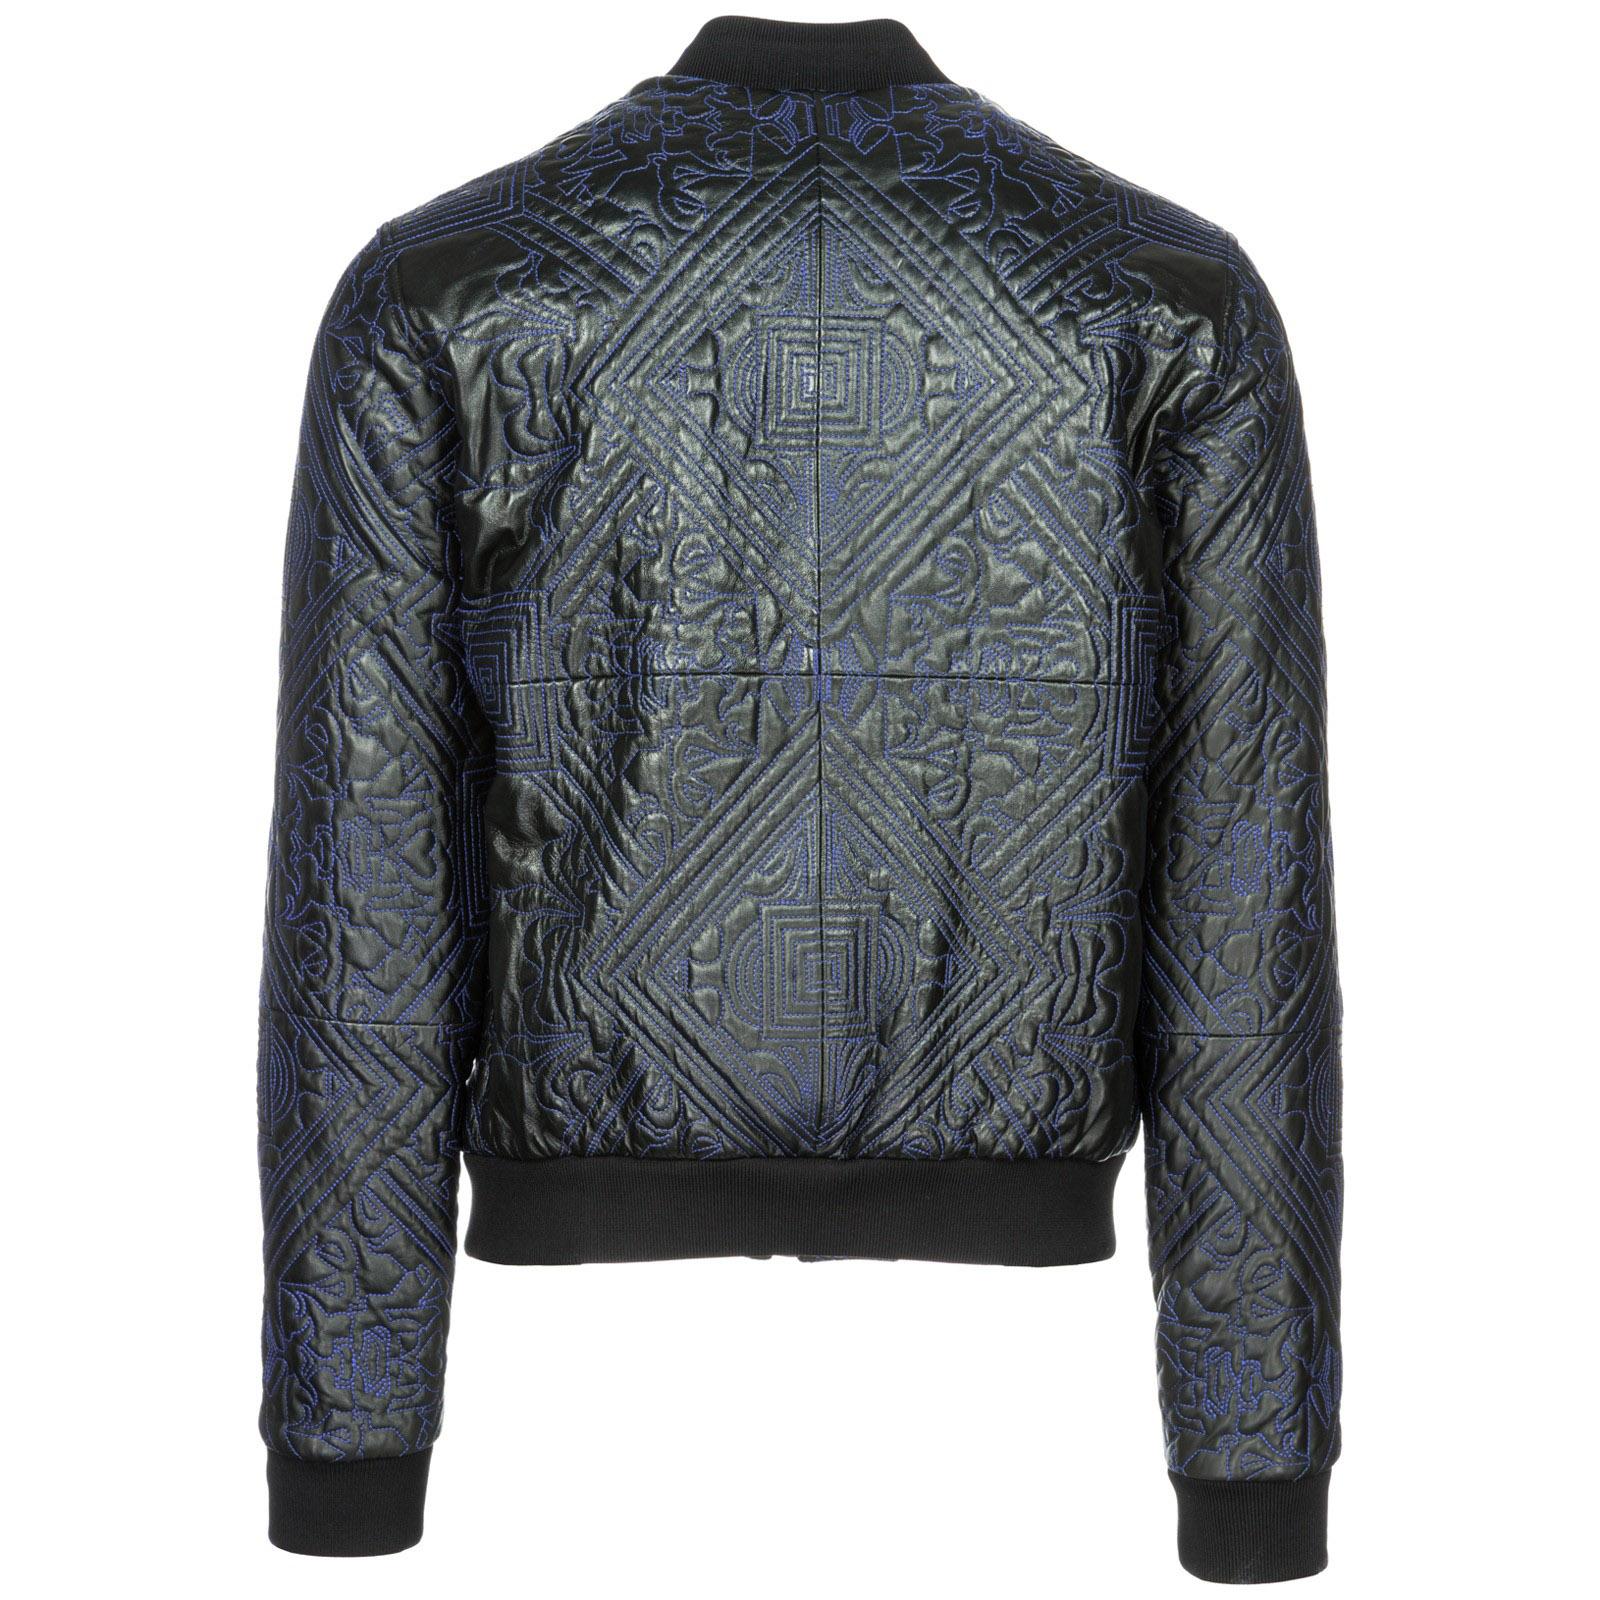 Jeans Cuir En Veste Nero Versace Ecgsb9p6 qFRzW0v